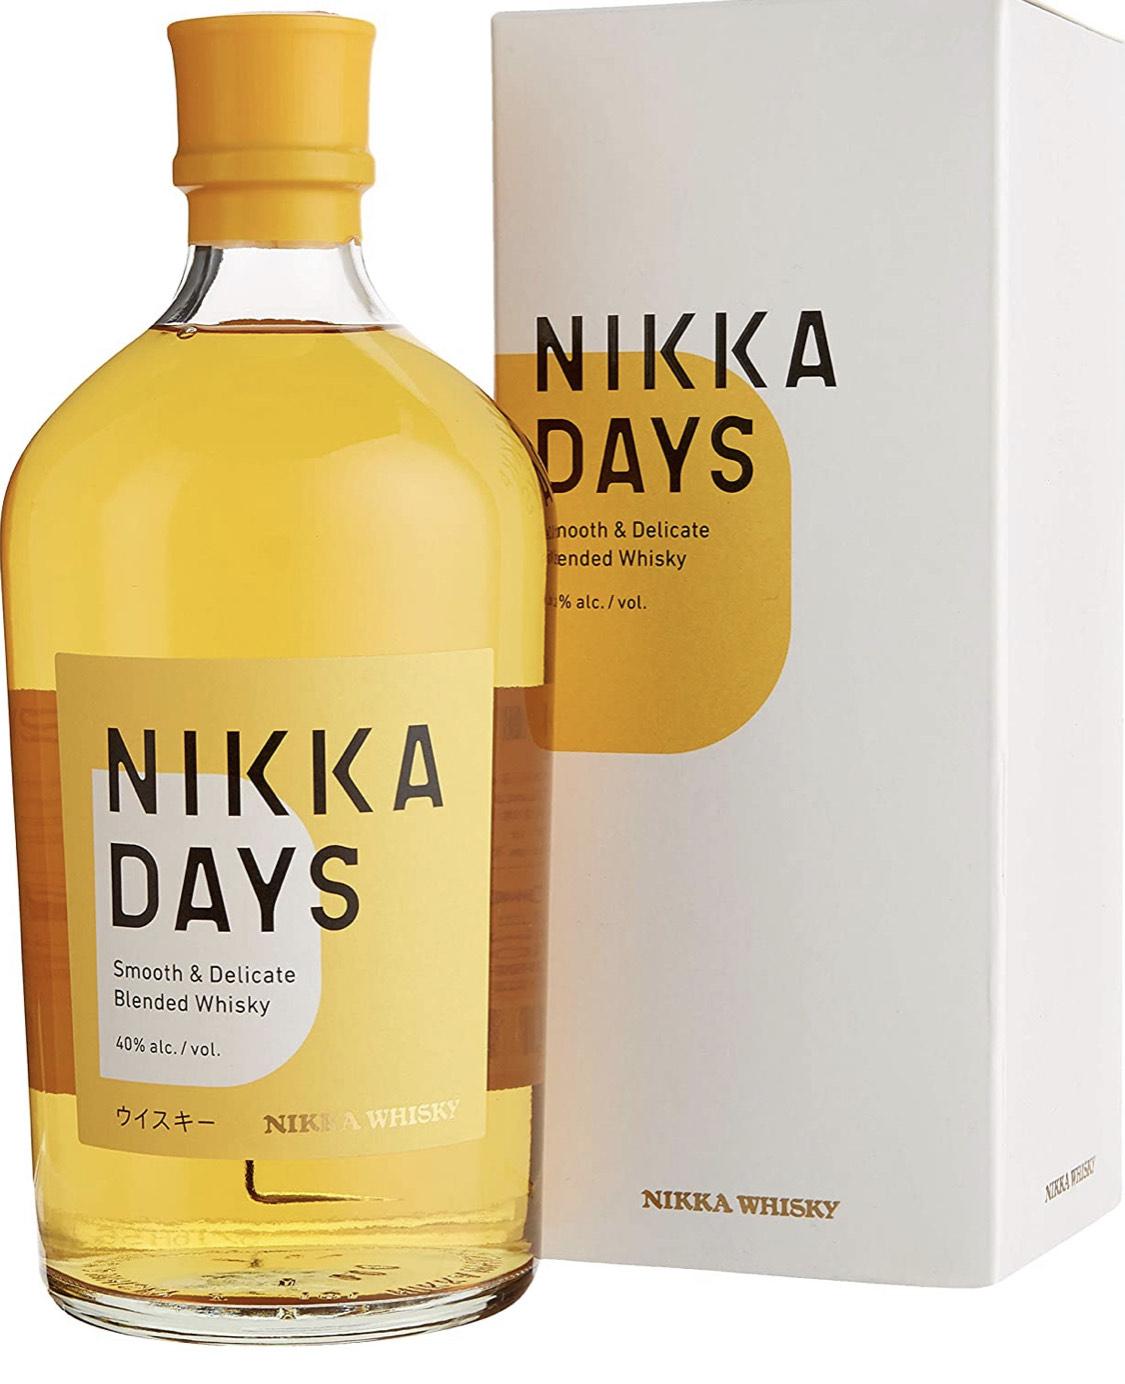 (Prime) Nikka Days Blended Whisky